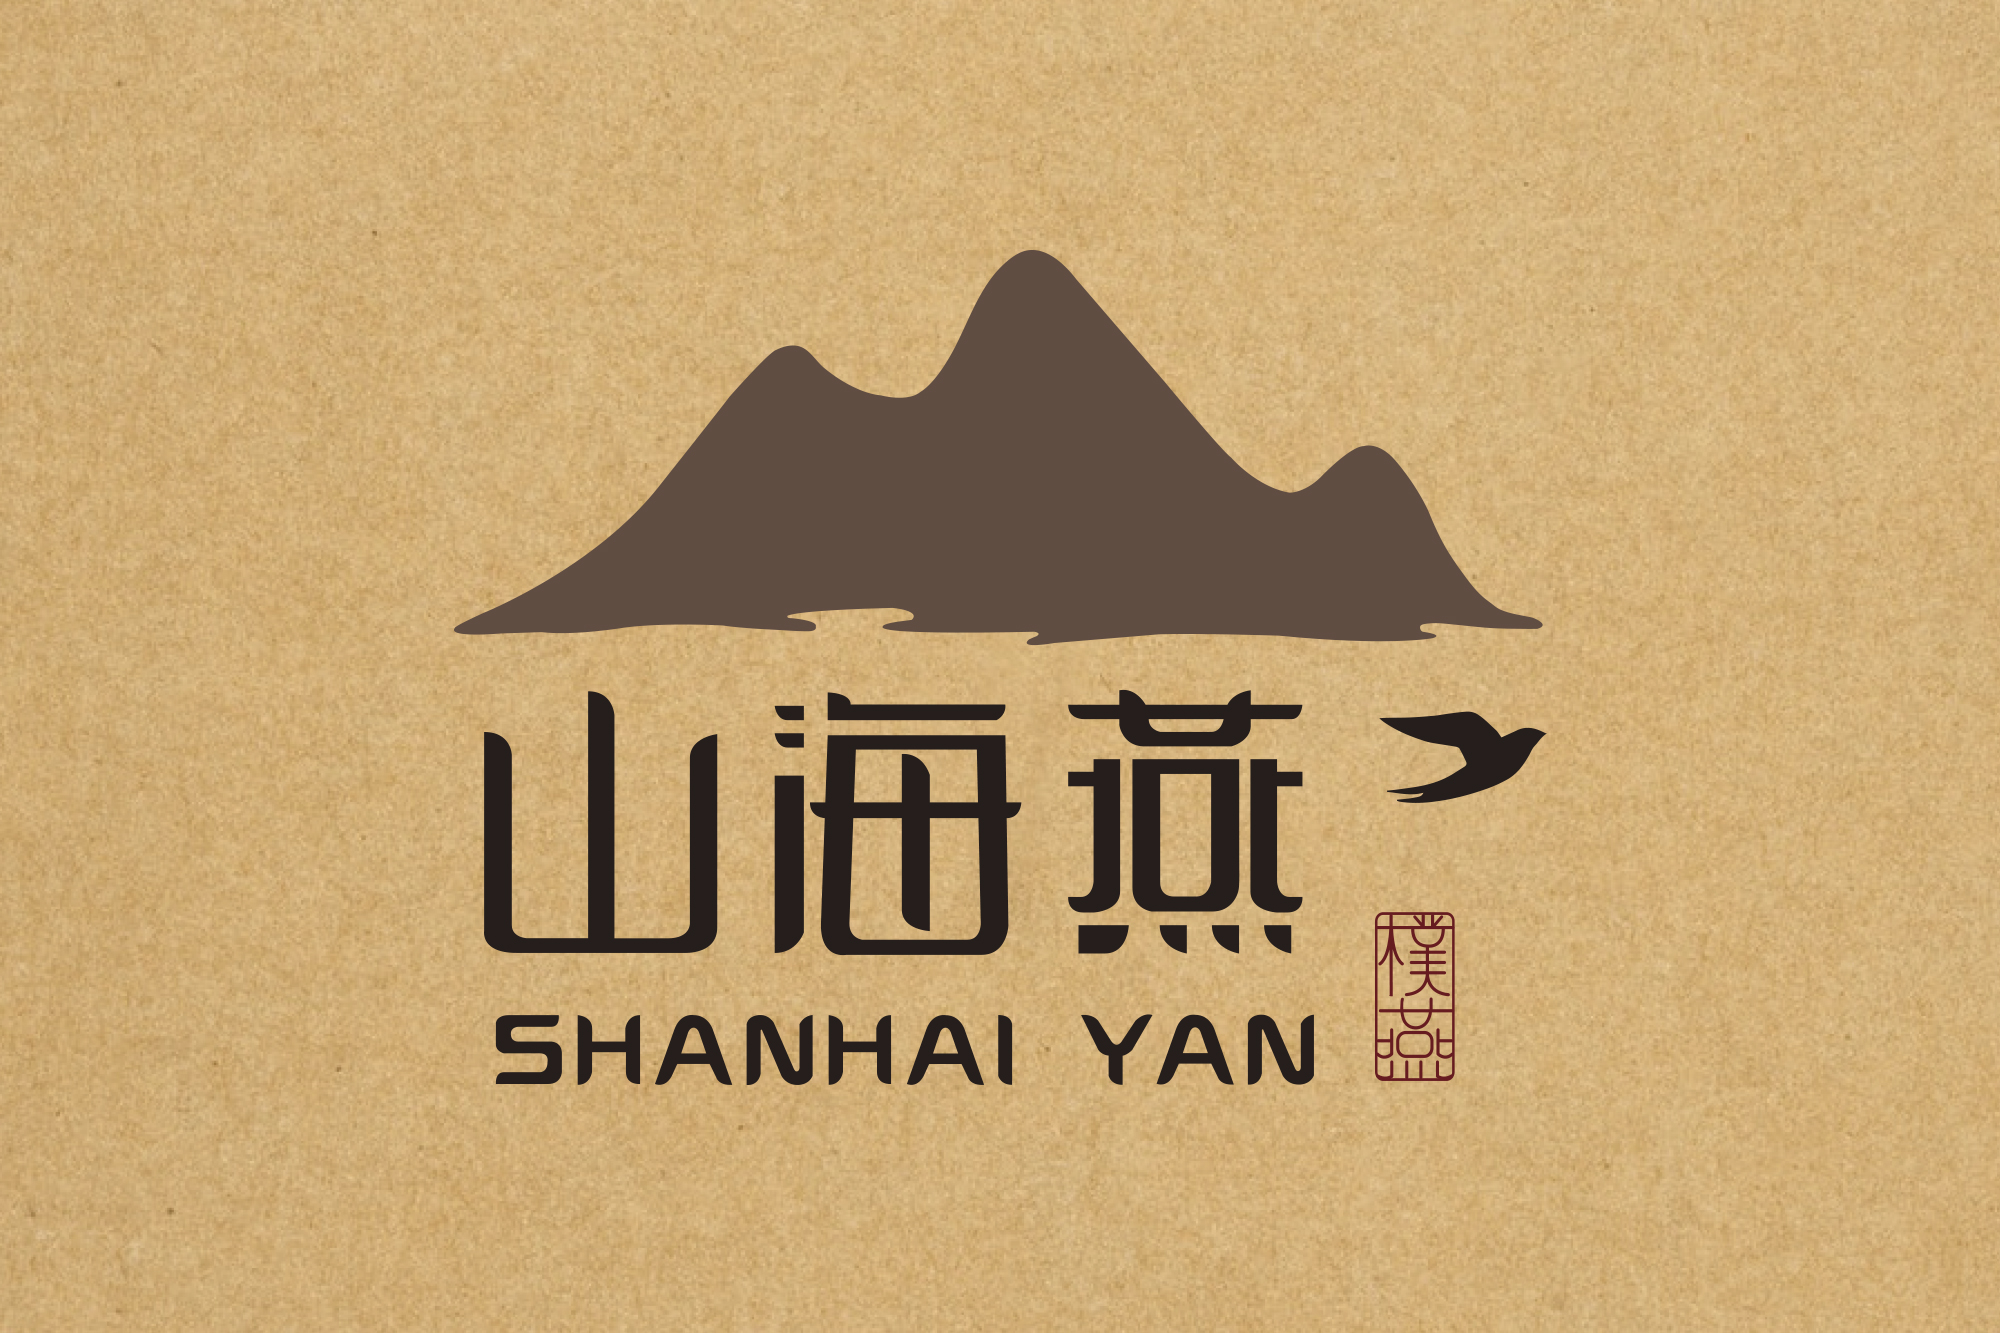 山海燕-logo品牌形象設計